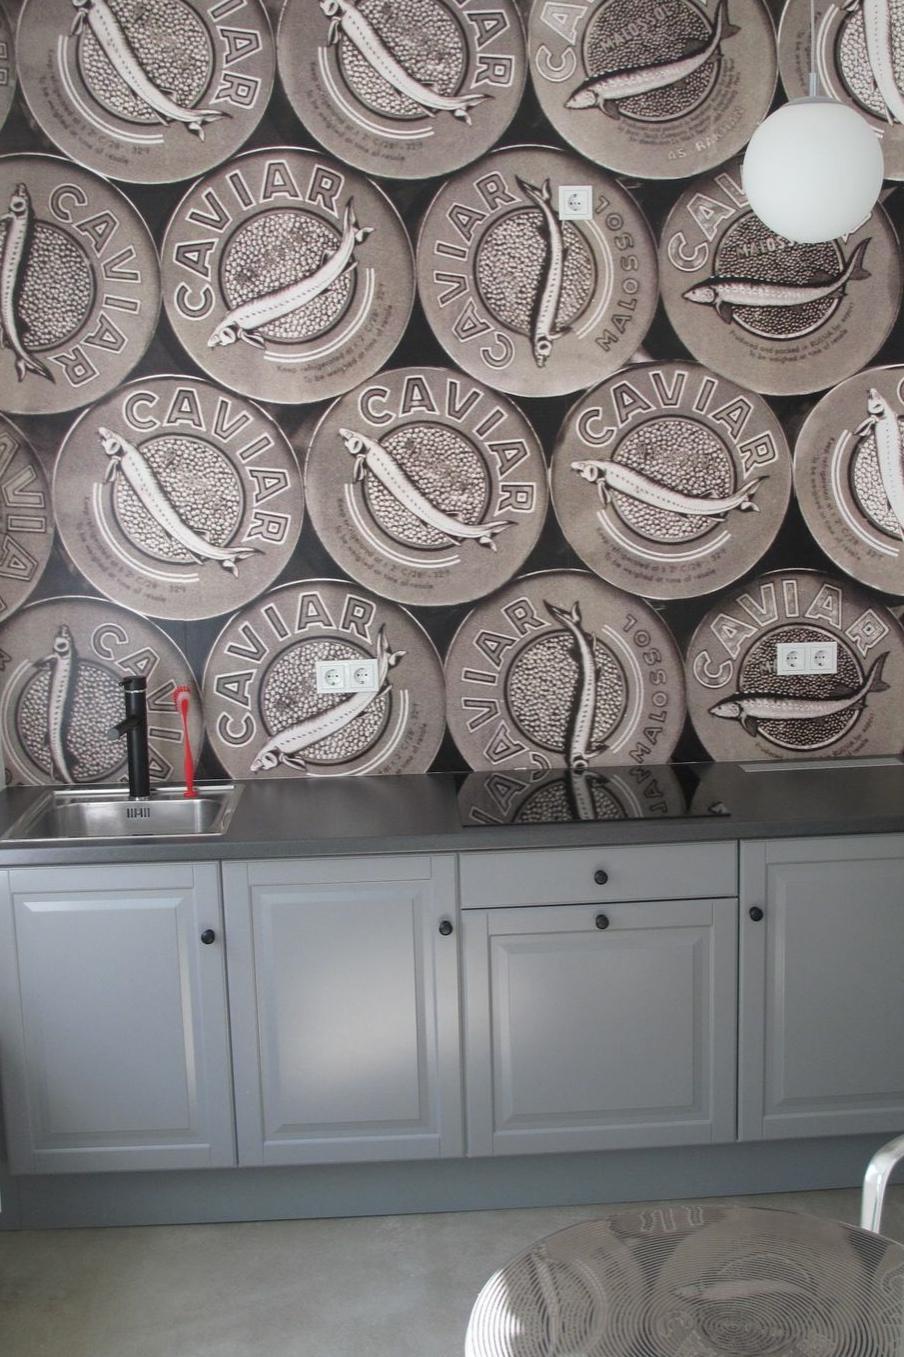 Gästeküche! Nicht Ohne Meine Tapete! #Küchentapete #Tapete #timetogohome